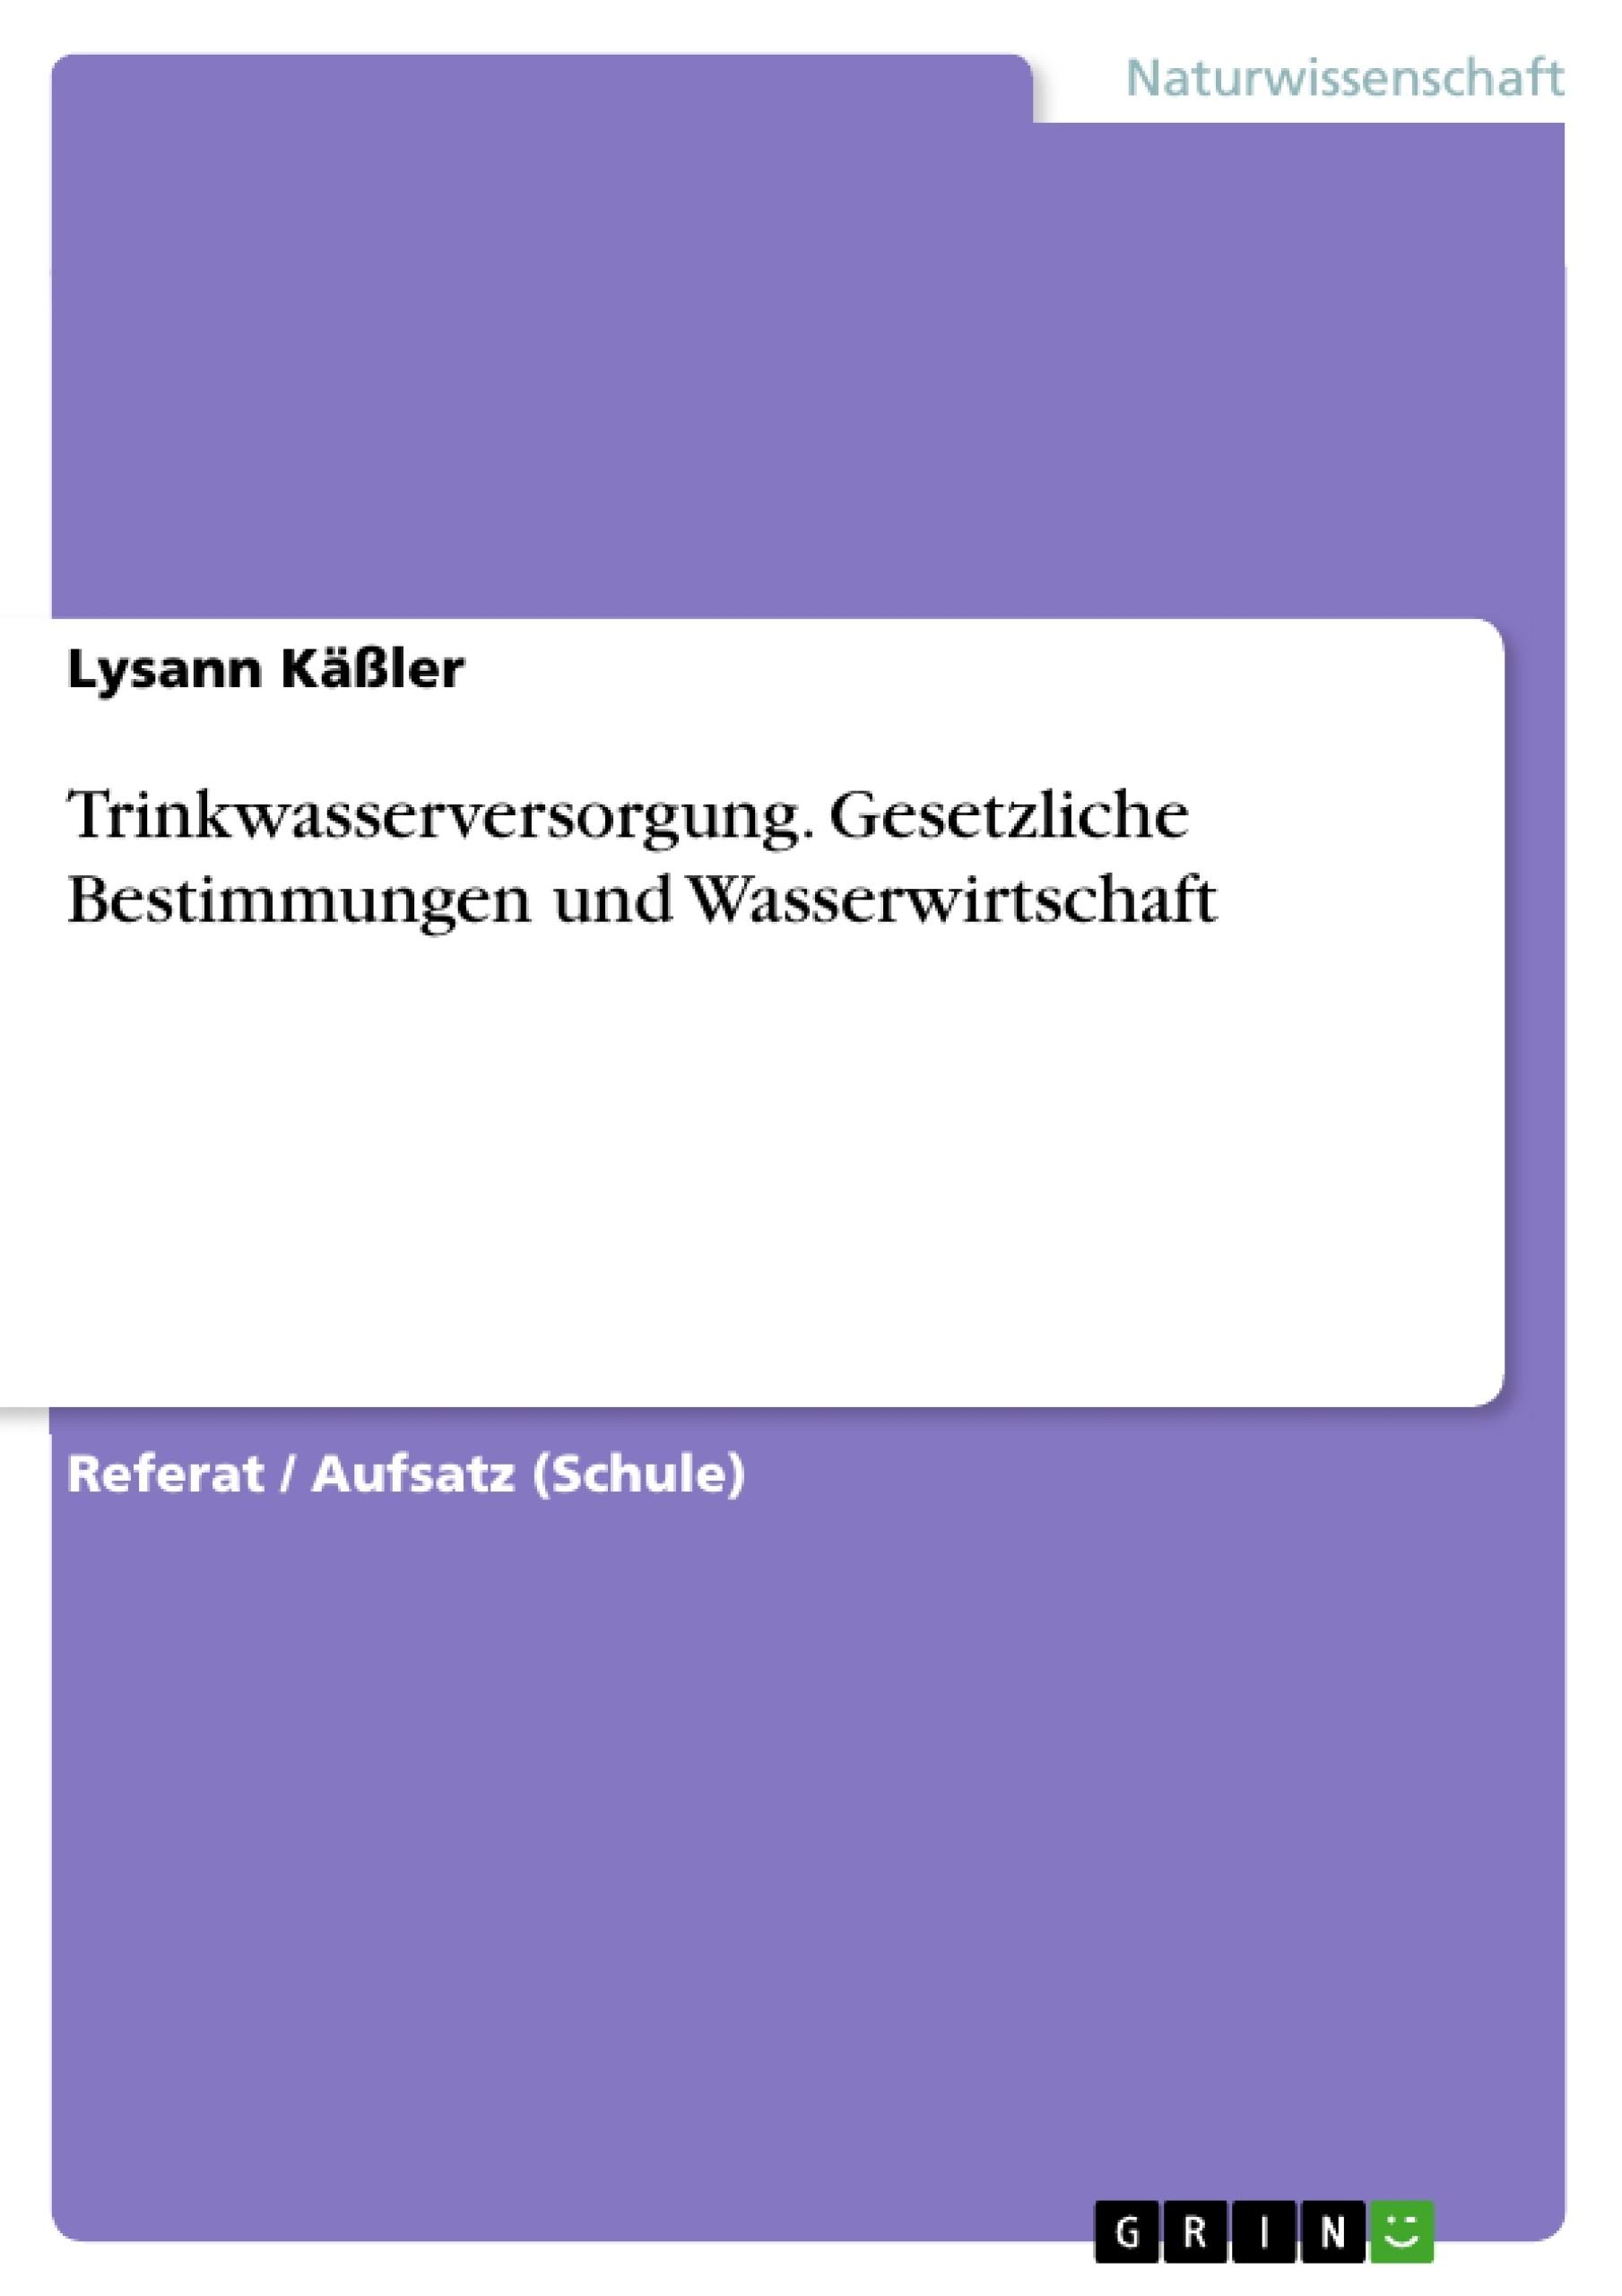 Titel: Trinkwasserversorgung. Gesetzliche Bestimmungen und Wasserwirtschaft